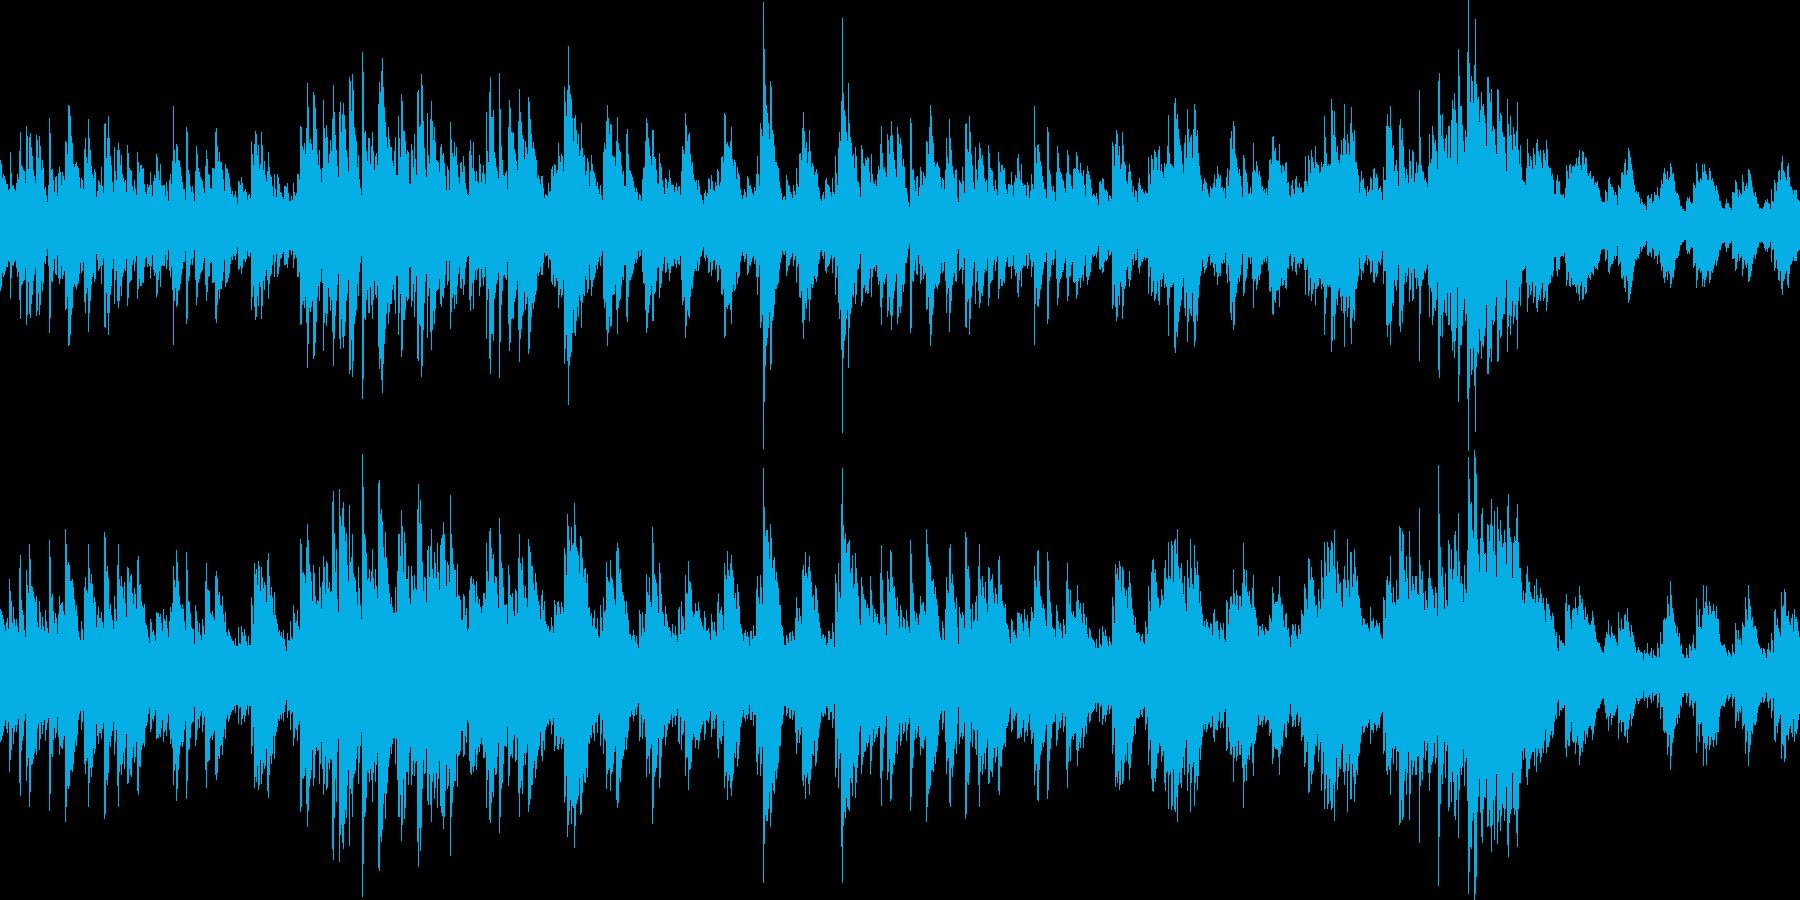 ループ:深い森、切なく悲しいピアノソロの再生済みの波形